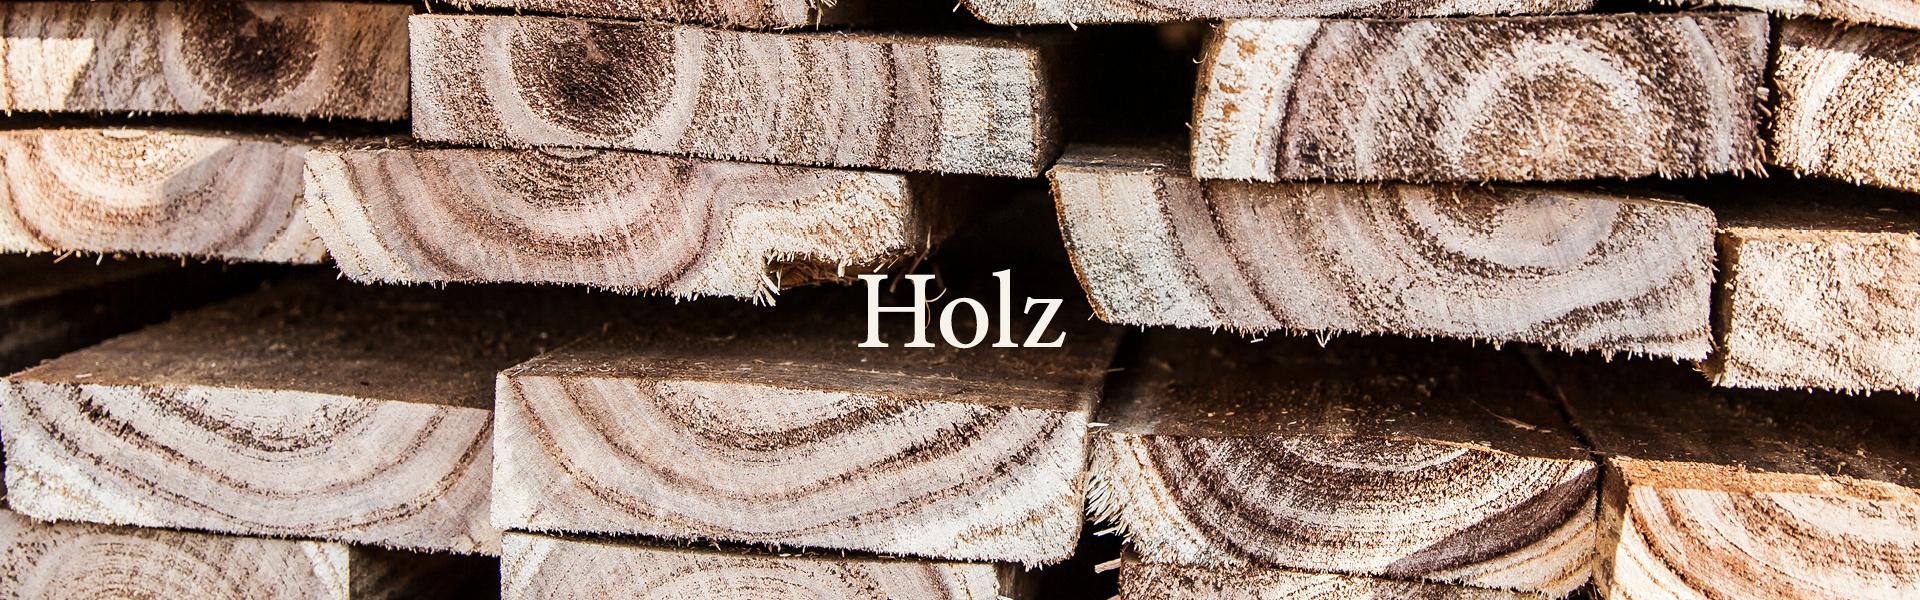 Kategorieseite_holz